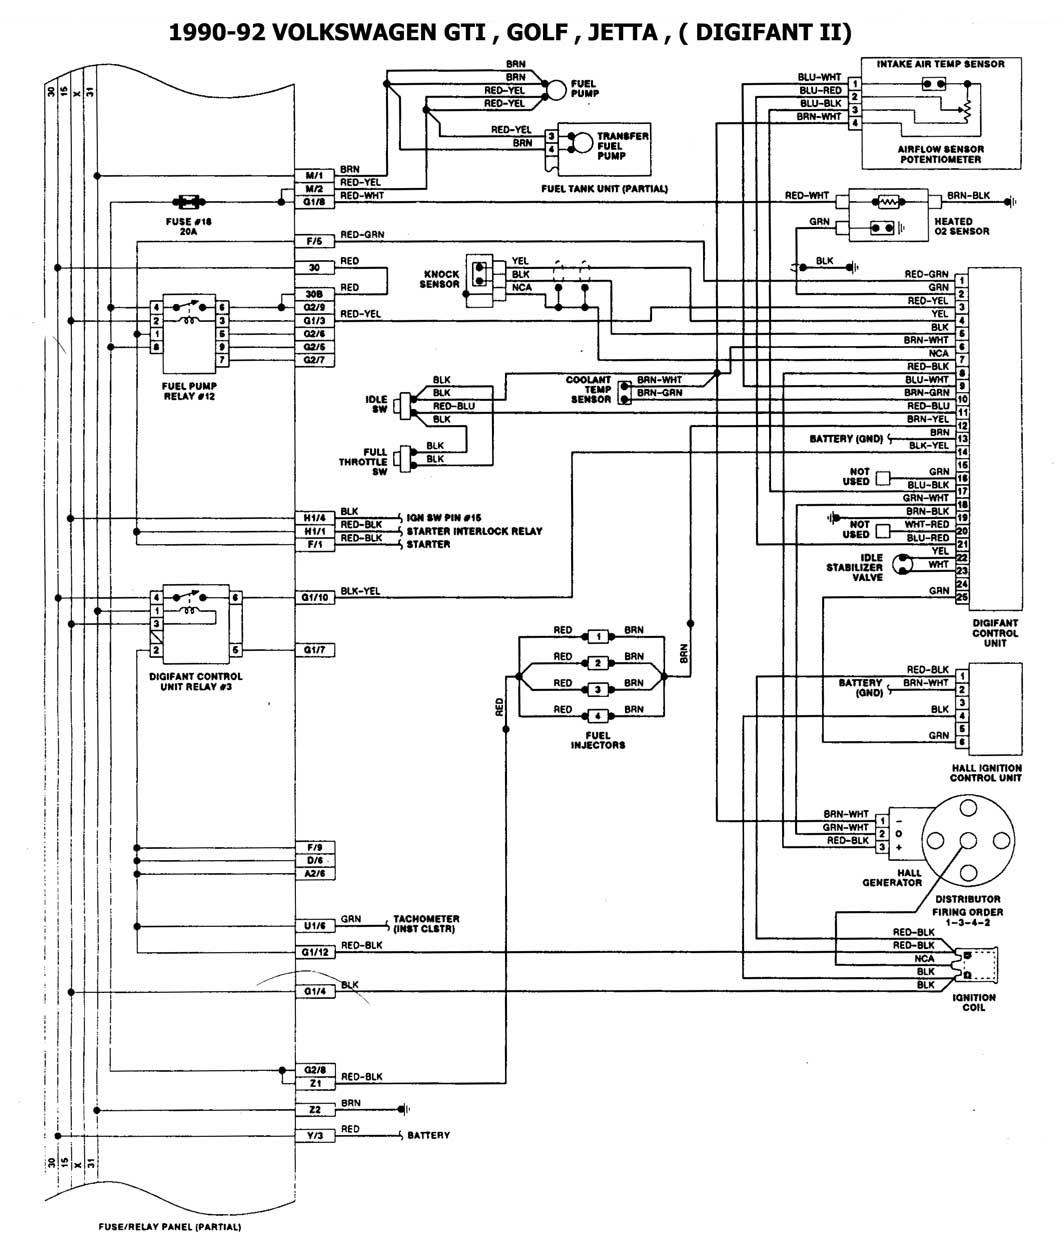 ultima diagrama de cableado de las luces